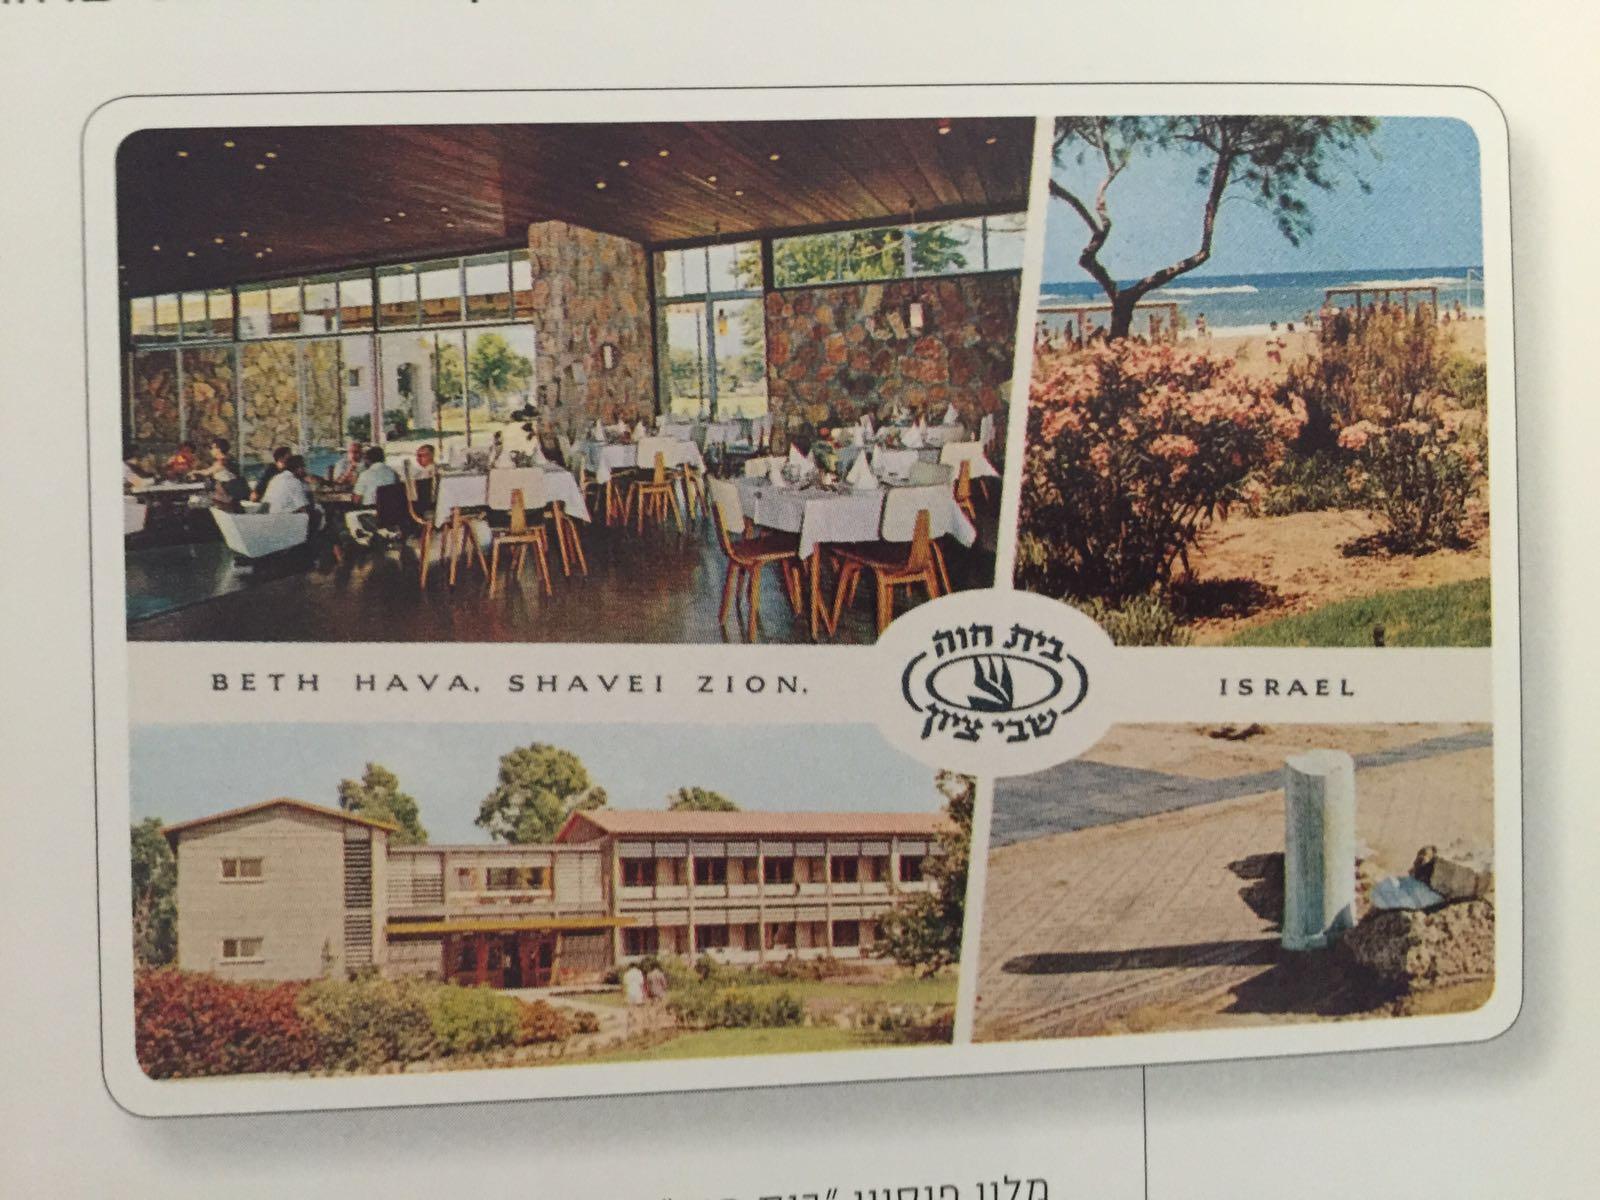 מודעת פרסומת ותיקה לבית חוה בשבי ציון (תמונות ארכיון) (תמונות ארכיון)